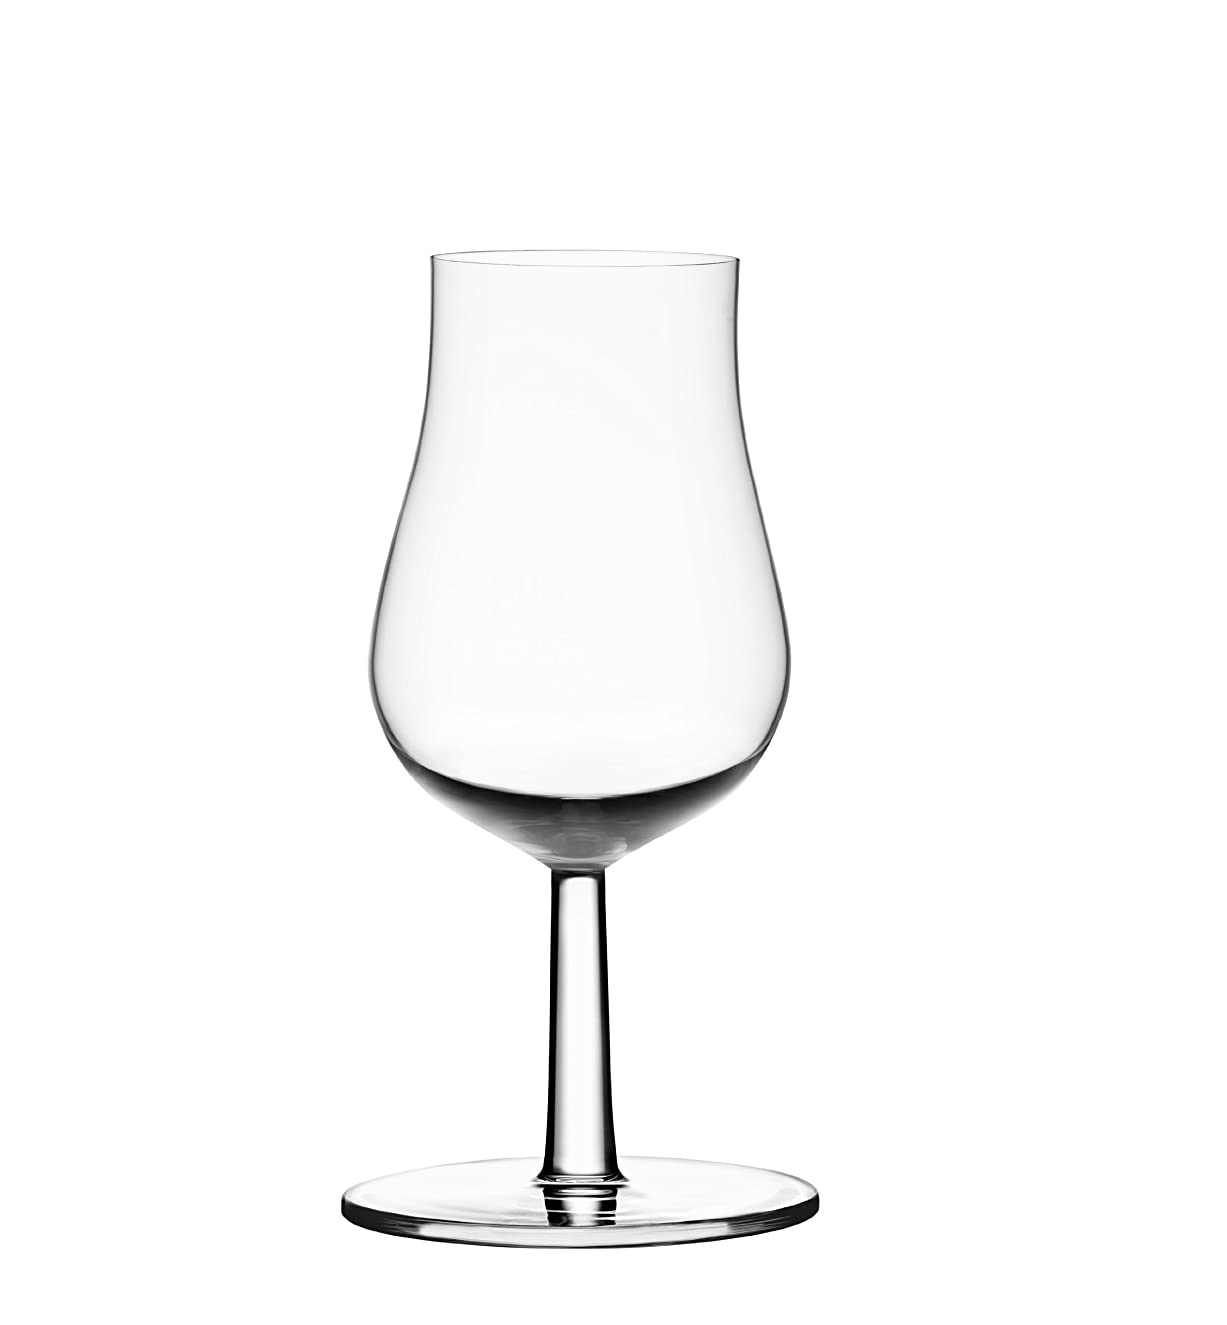 ダブル王室発行するIittala エッセンス アフターディナーグラス 8.75オンス 2個セット